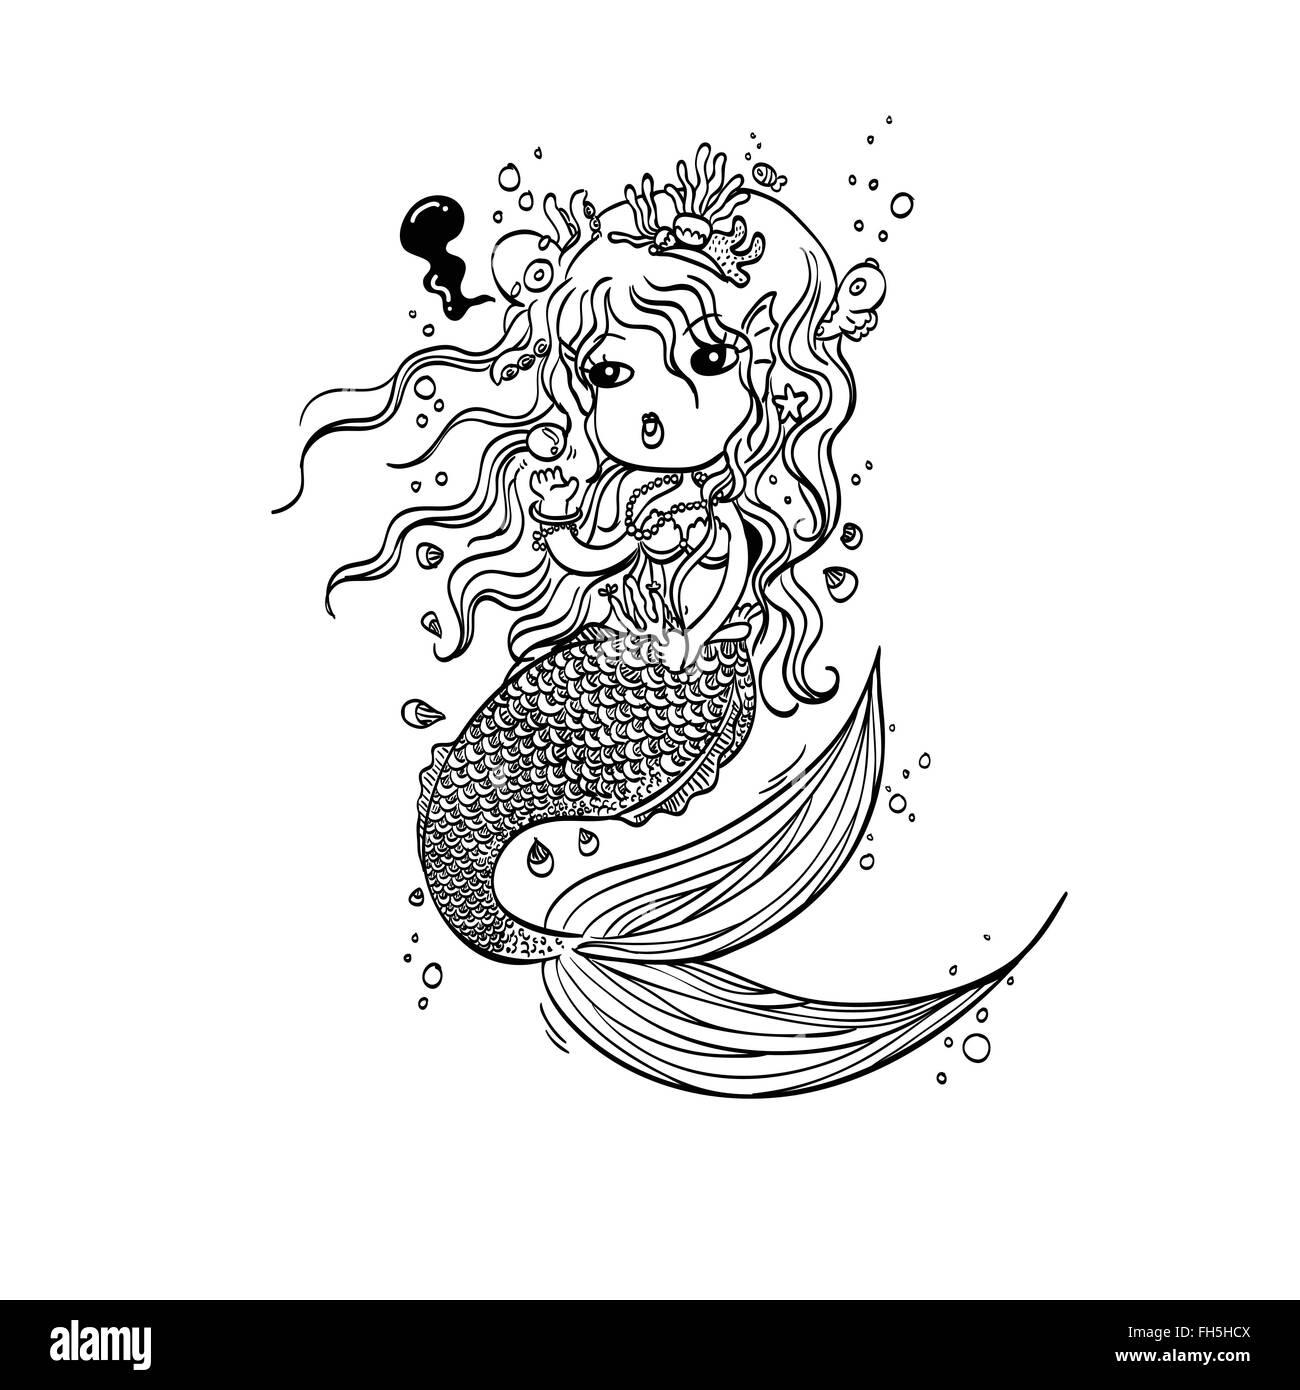 Ilustración vectorial de la Sirenita bajo el mar dibujadas a mano ...